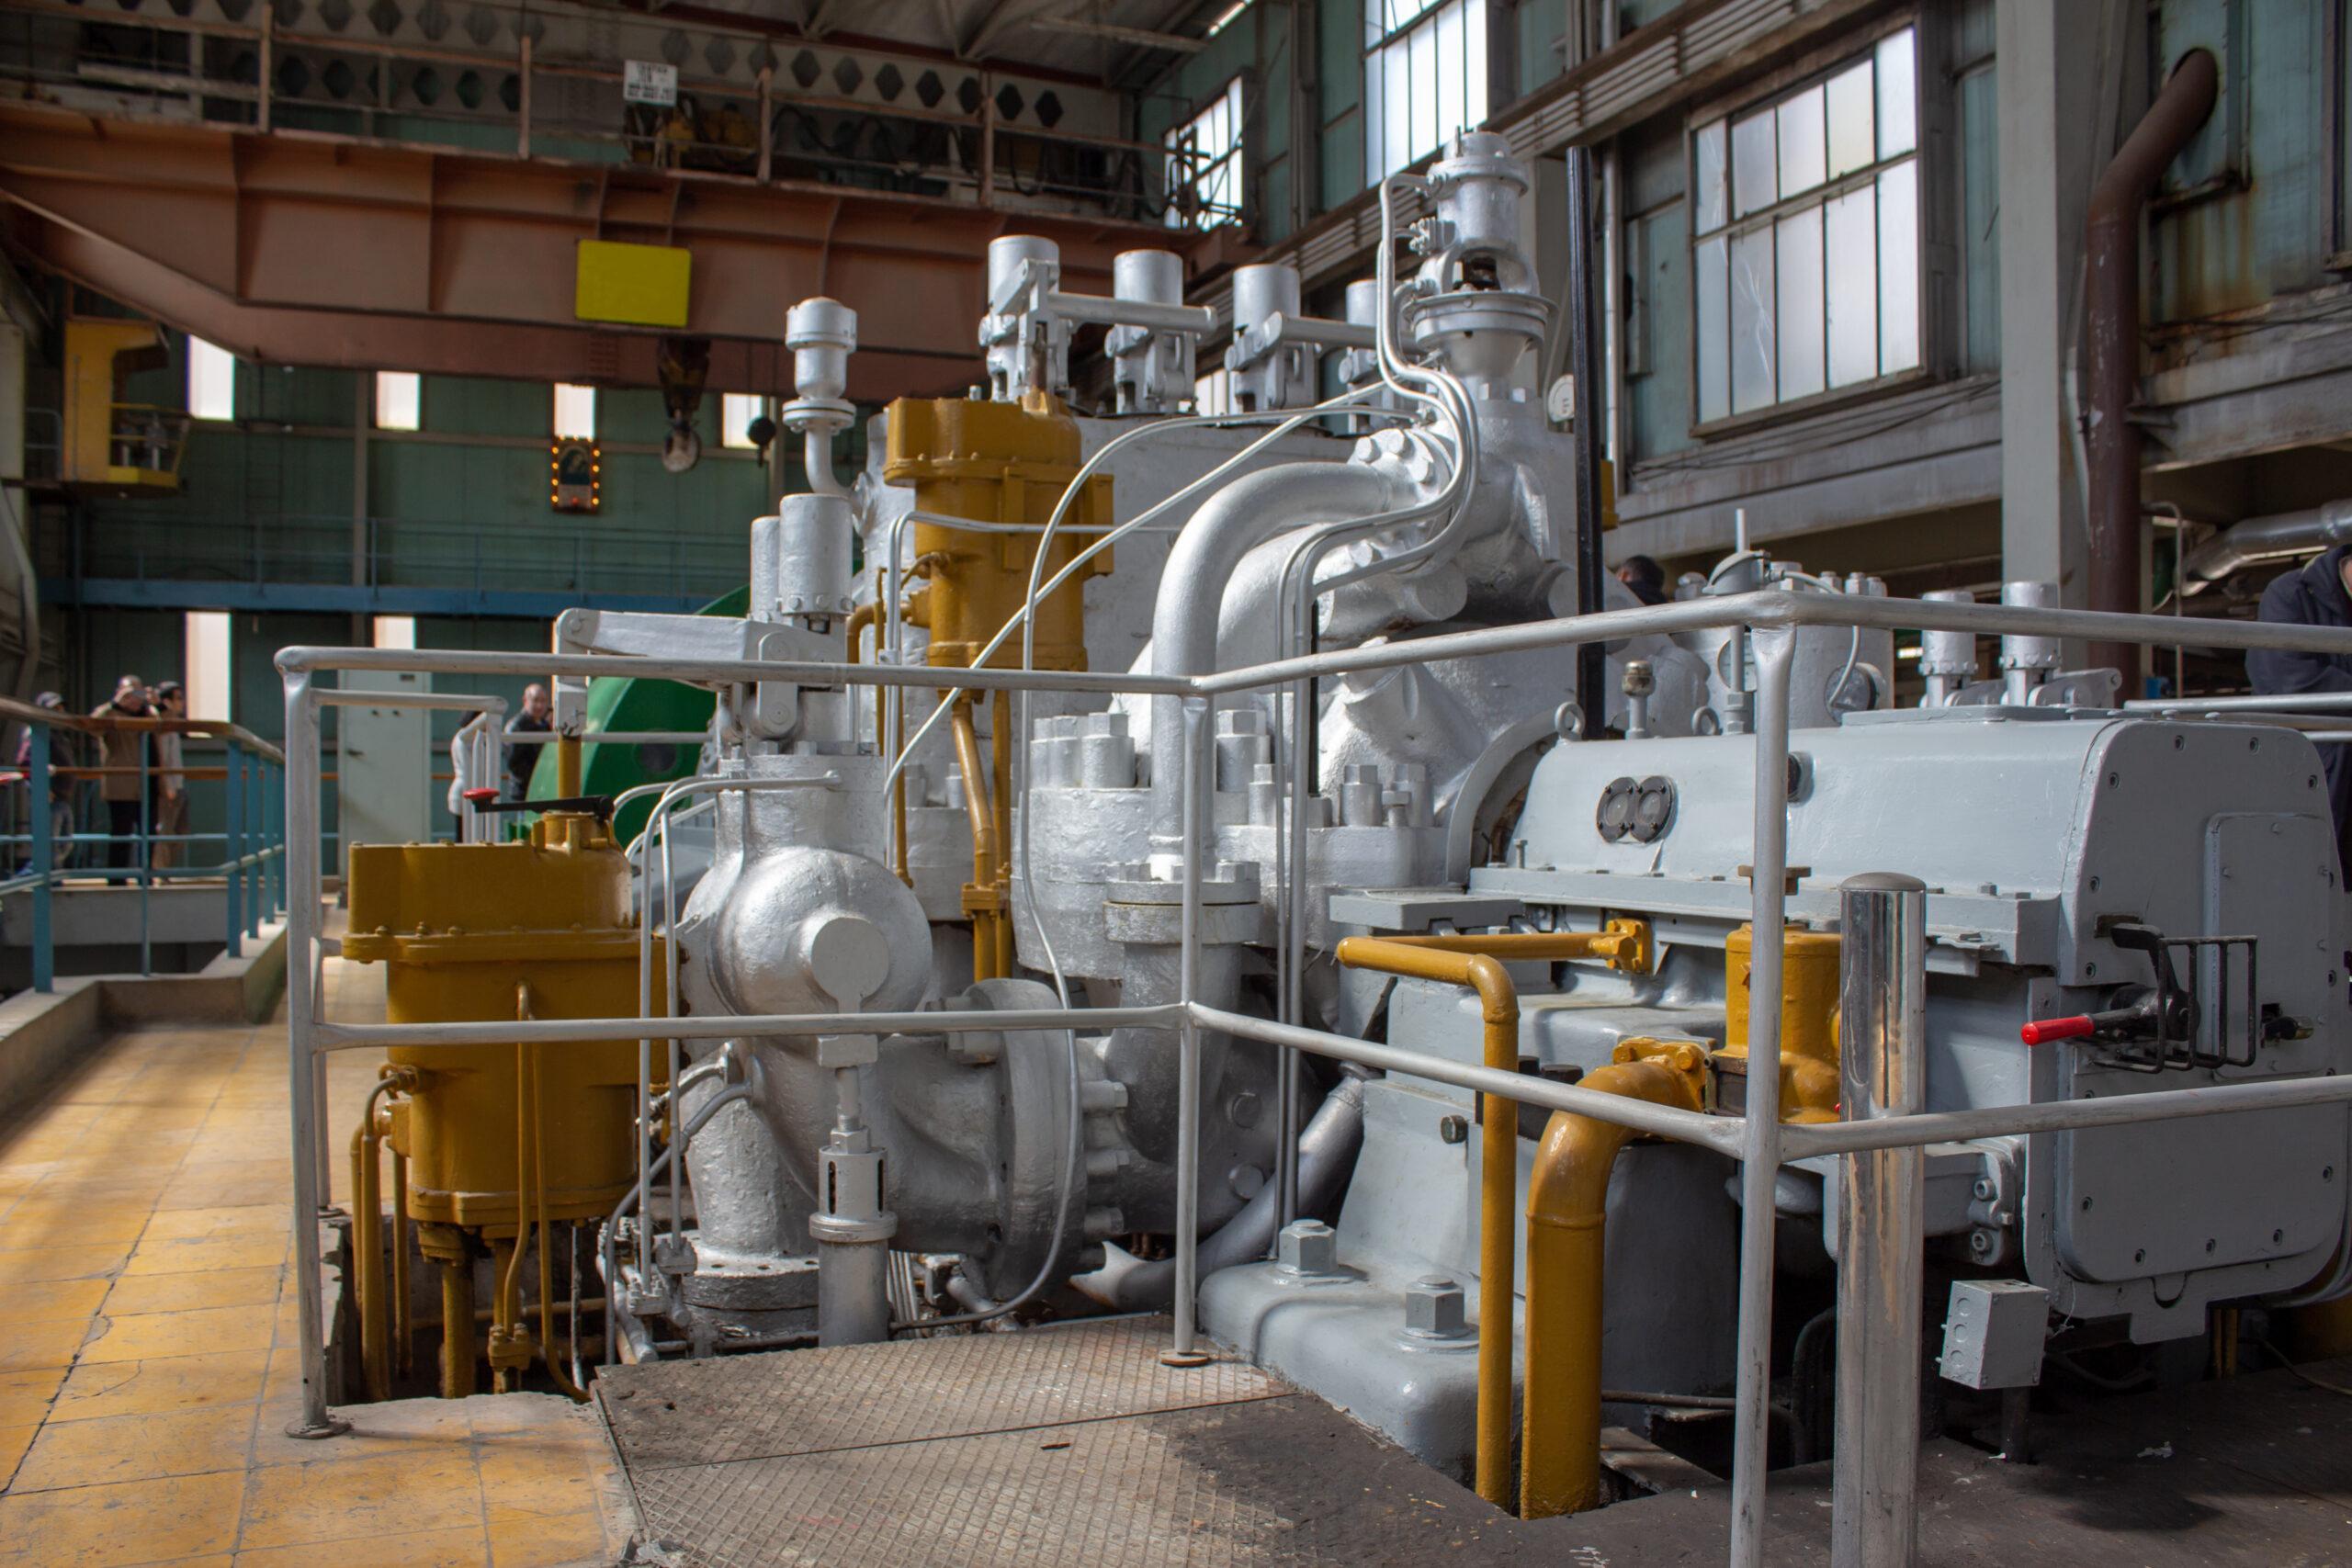 ガスタービン発電 ゆるみ箇所: 抽気配管の配管フランジ部の固定とUボルト固定